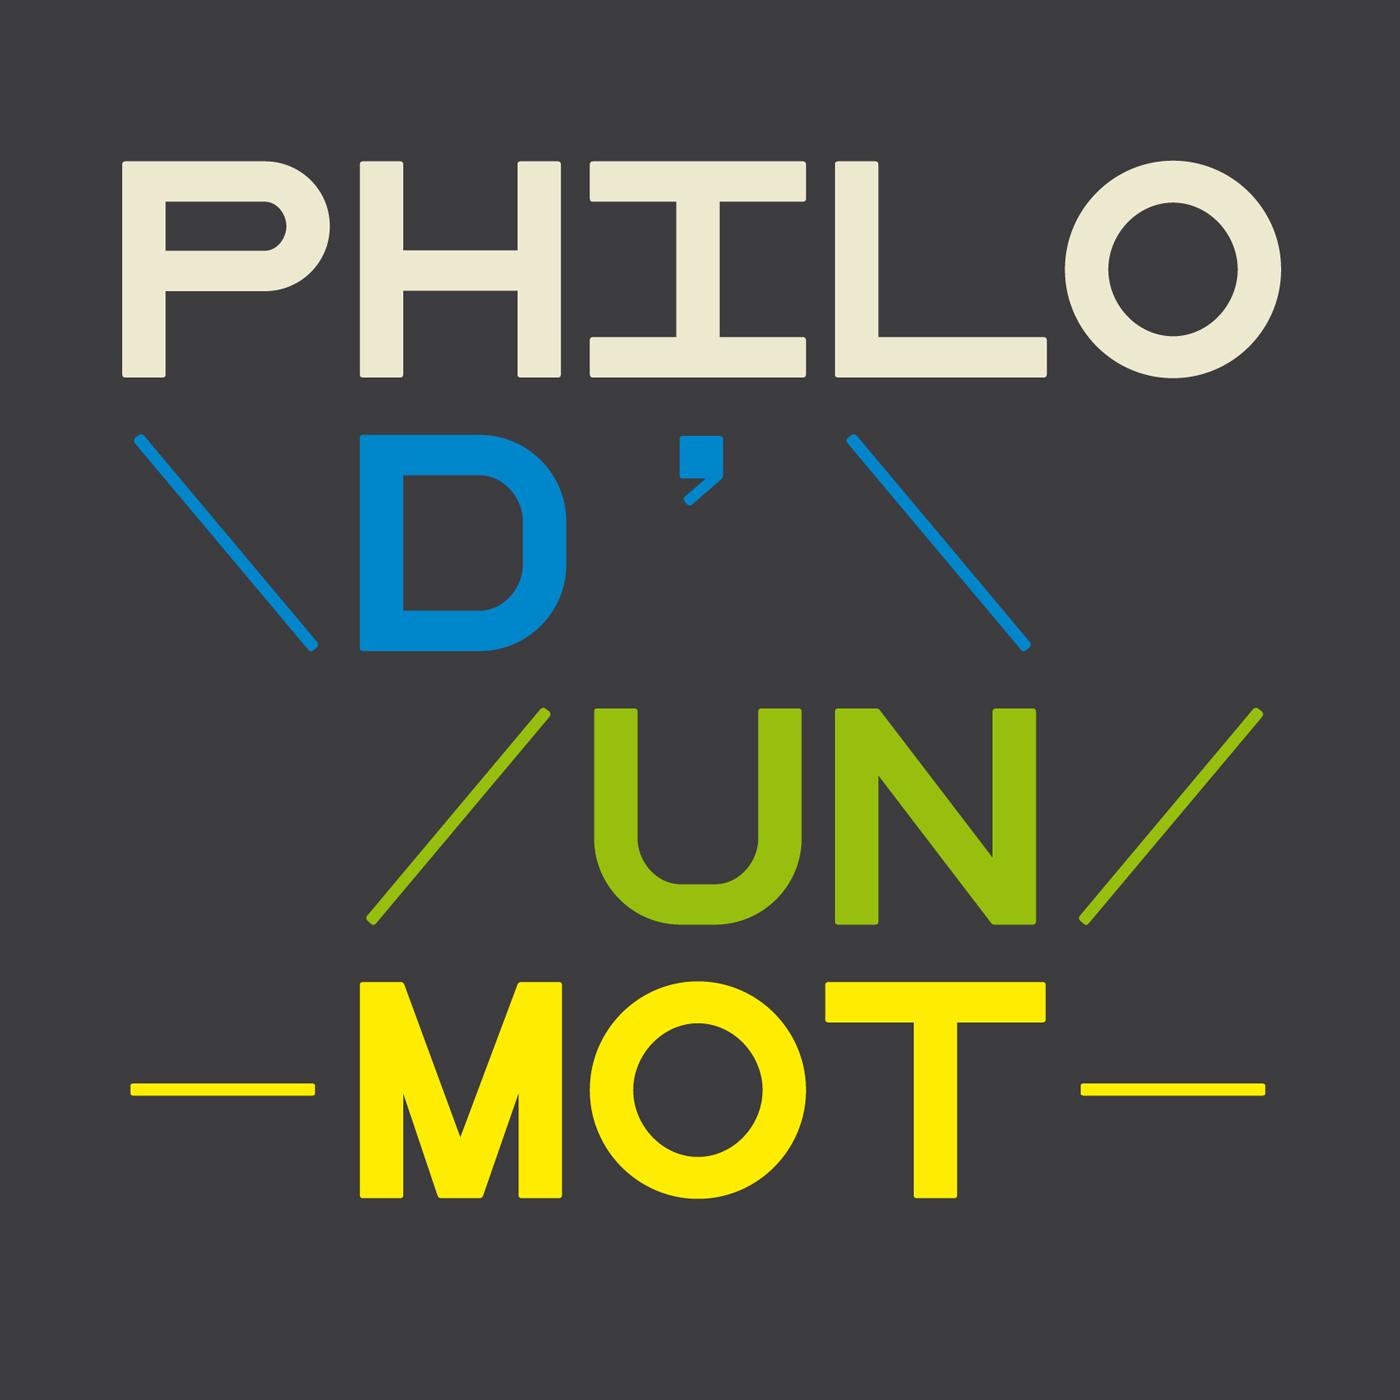 Philo un mot 1400x1400 [RTS]